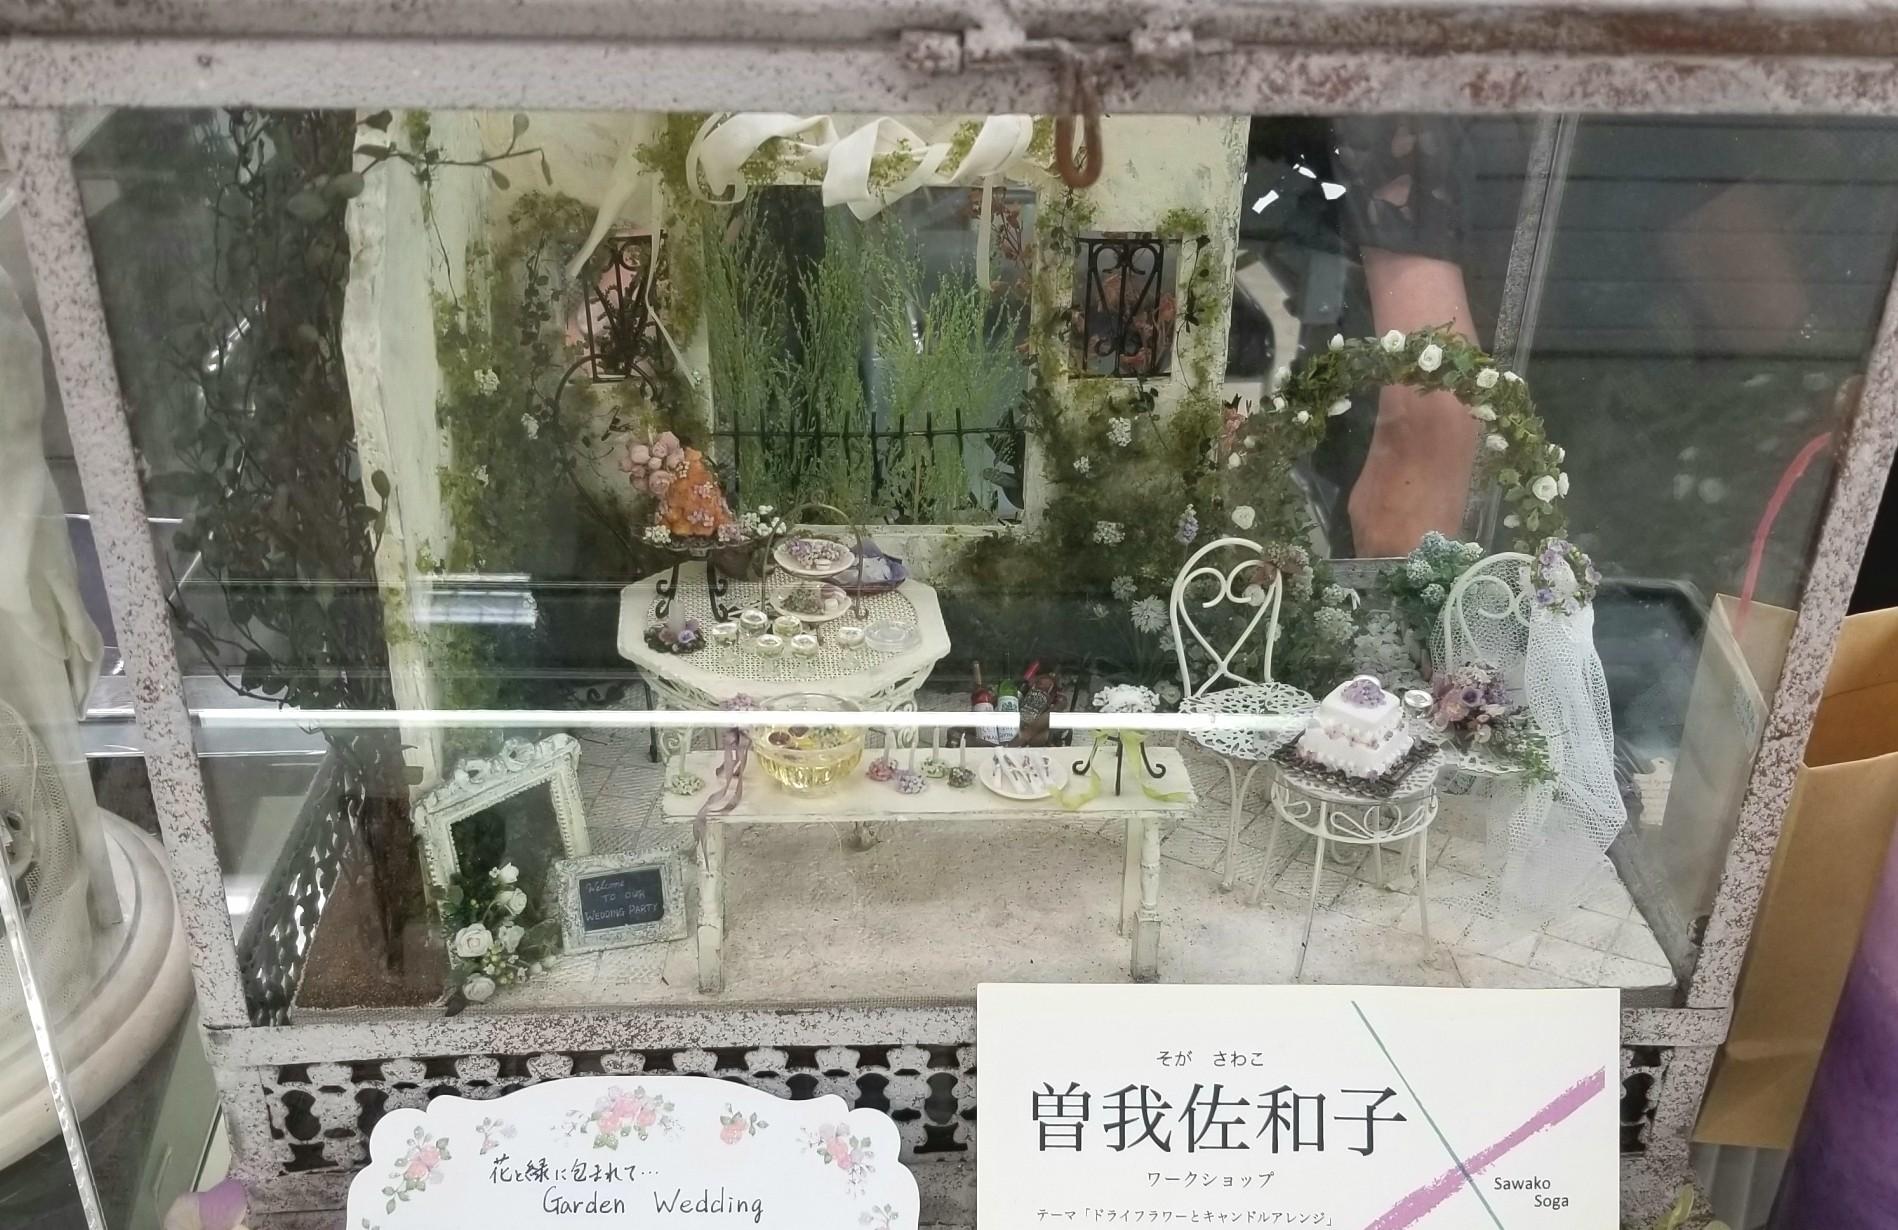 京王百貨店ドールハウス展, 曽我佐和子, ミニチュア, ドールハウス